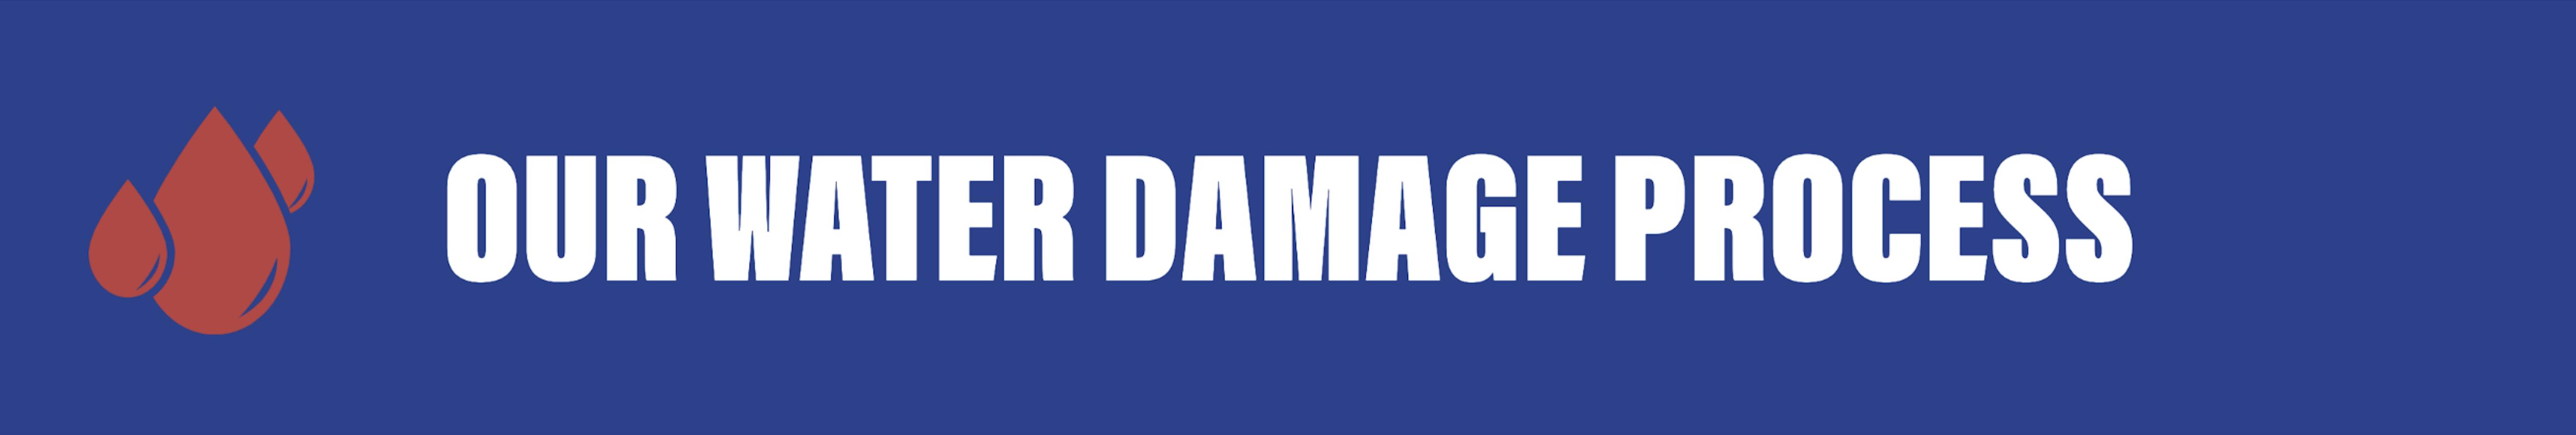 WATER DAMAGE PROCESS